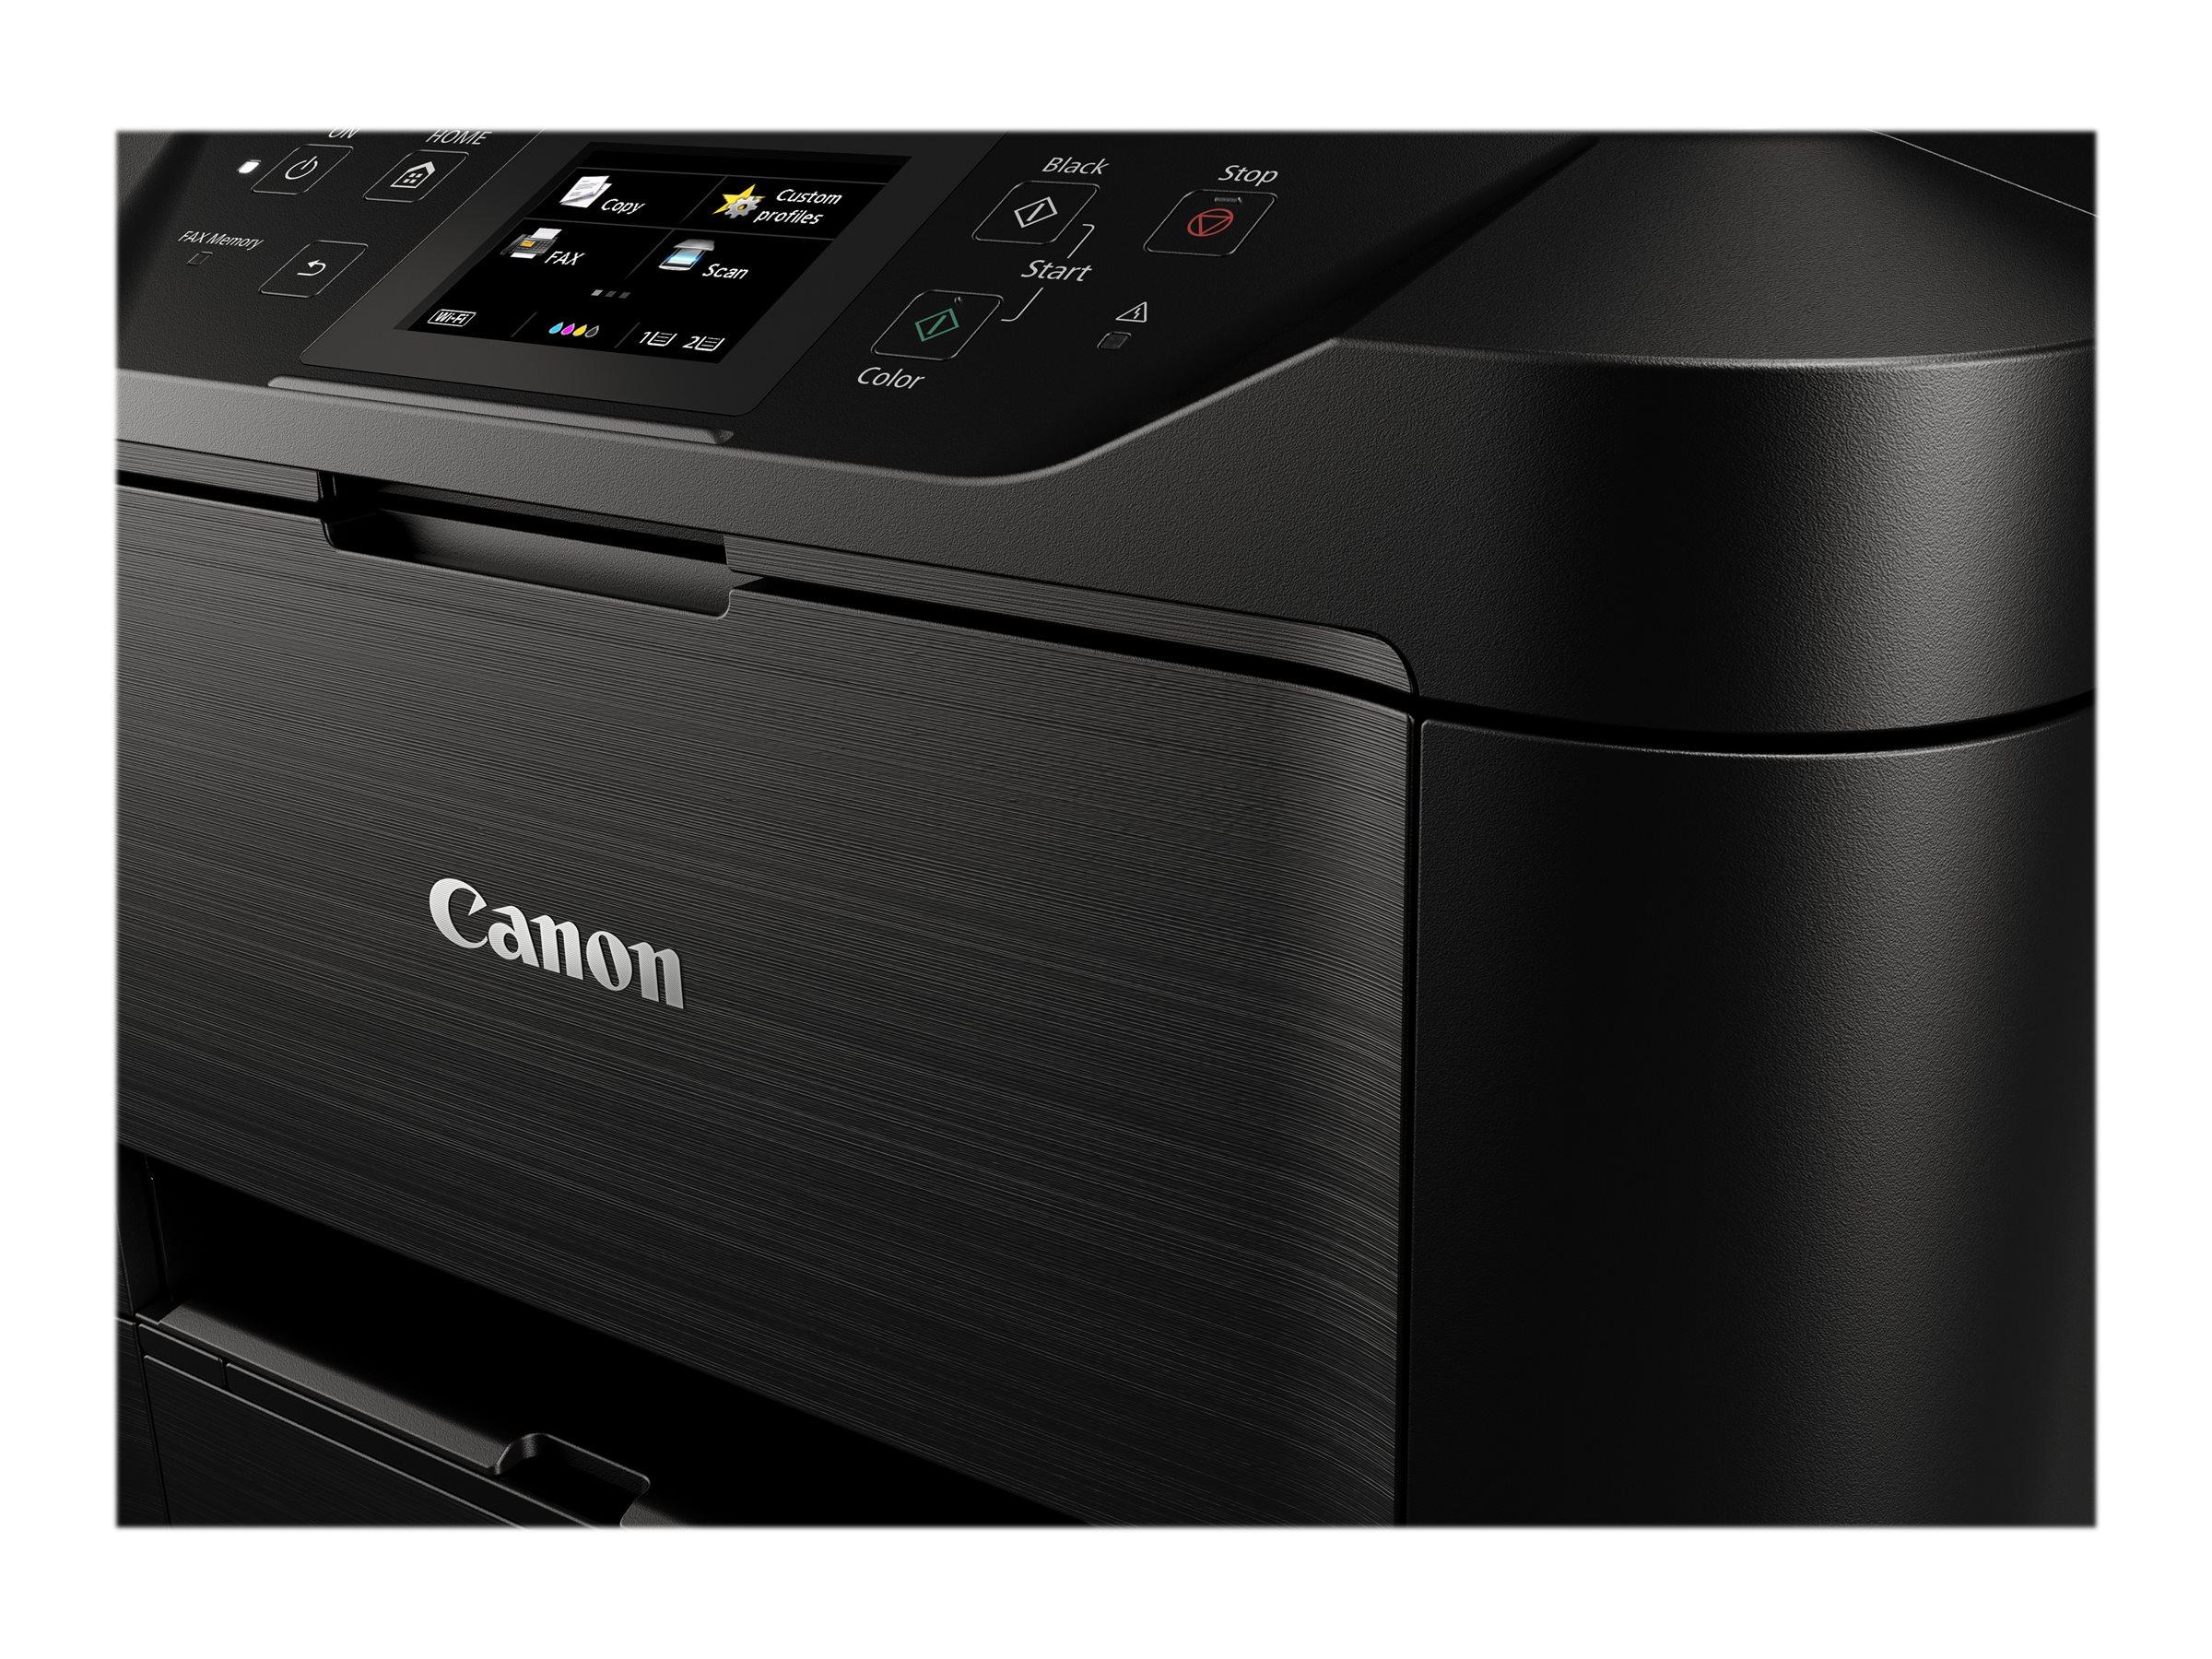 canon maxify mb5450 imprimante multifonctions couleur imprimantes jet d 39 encre. Black Bedroom Furniture Sets. Home Design Ideas